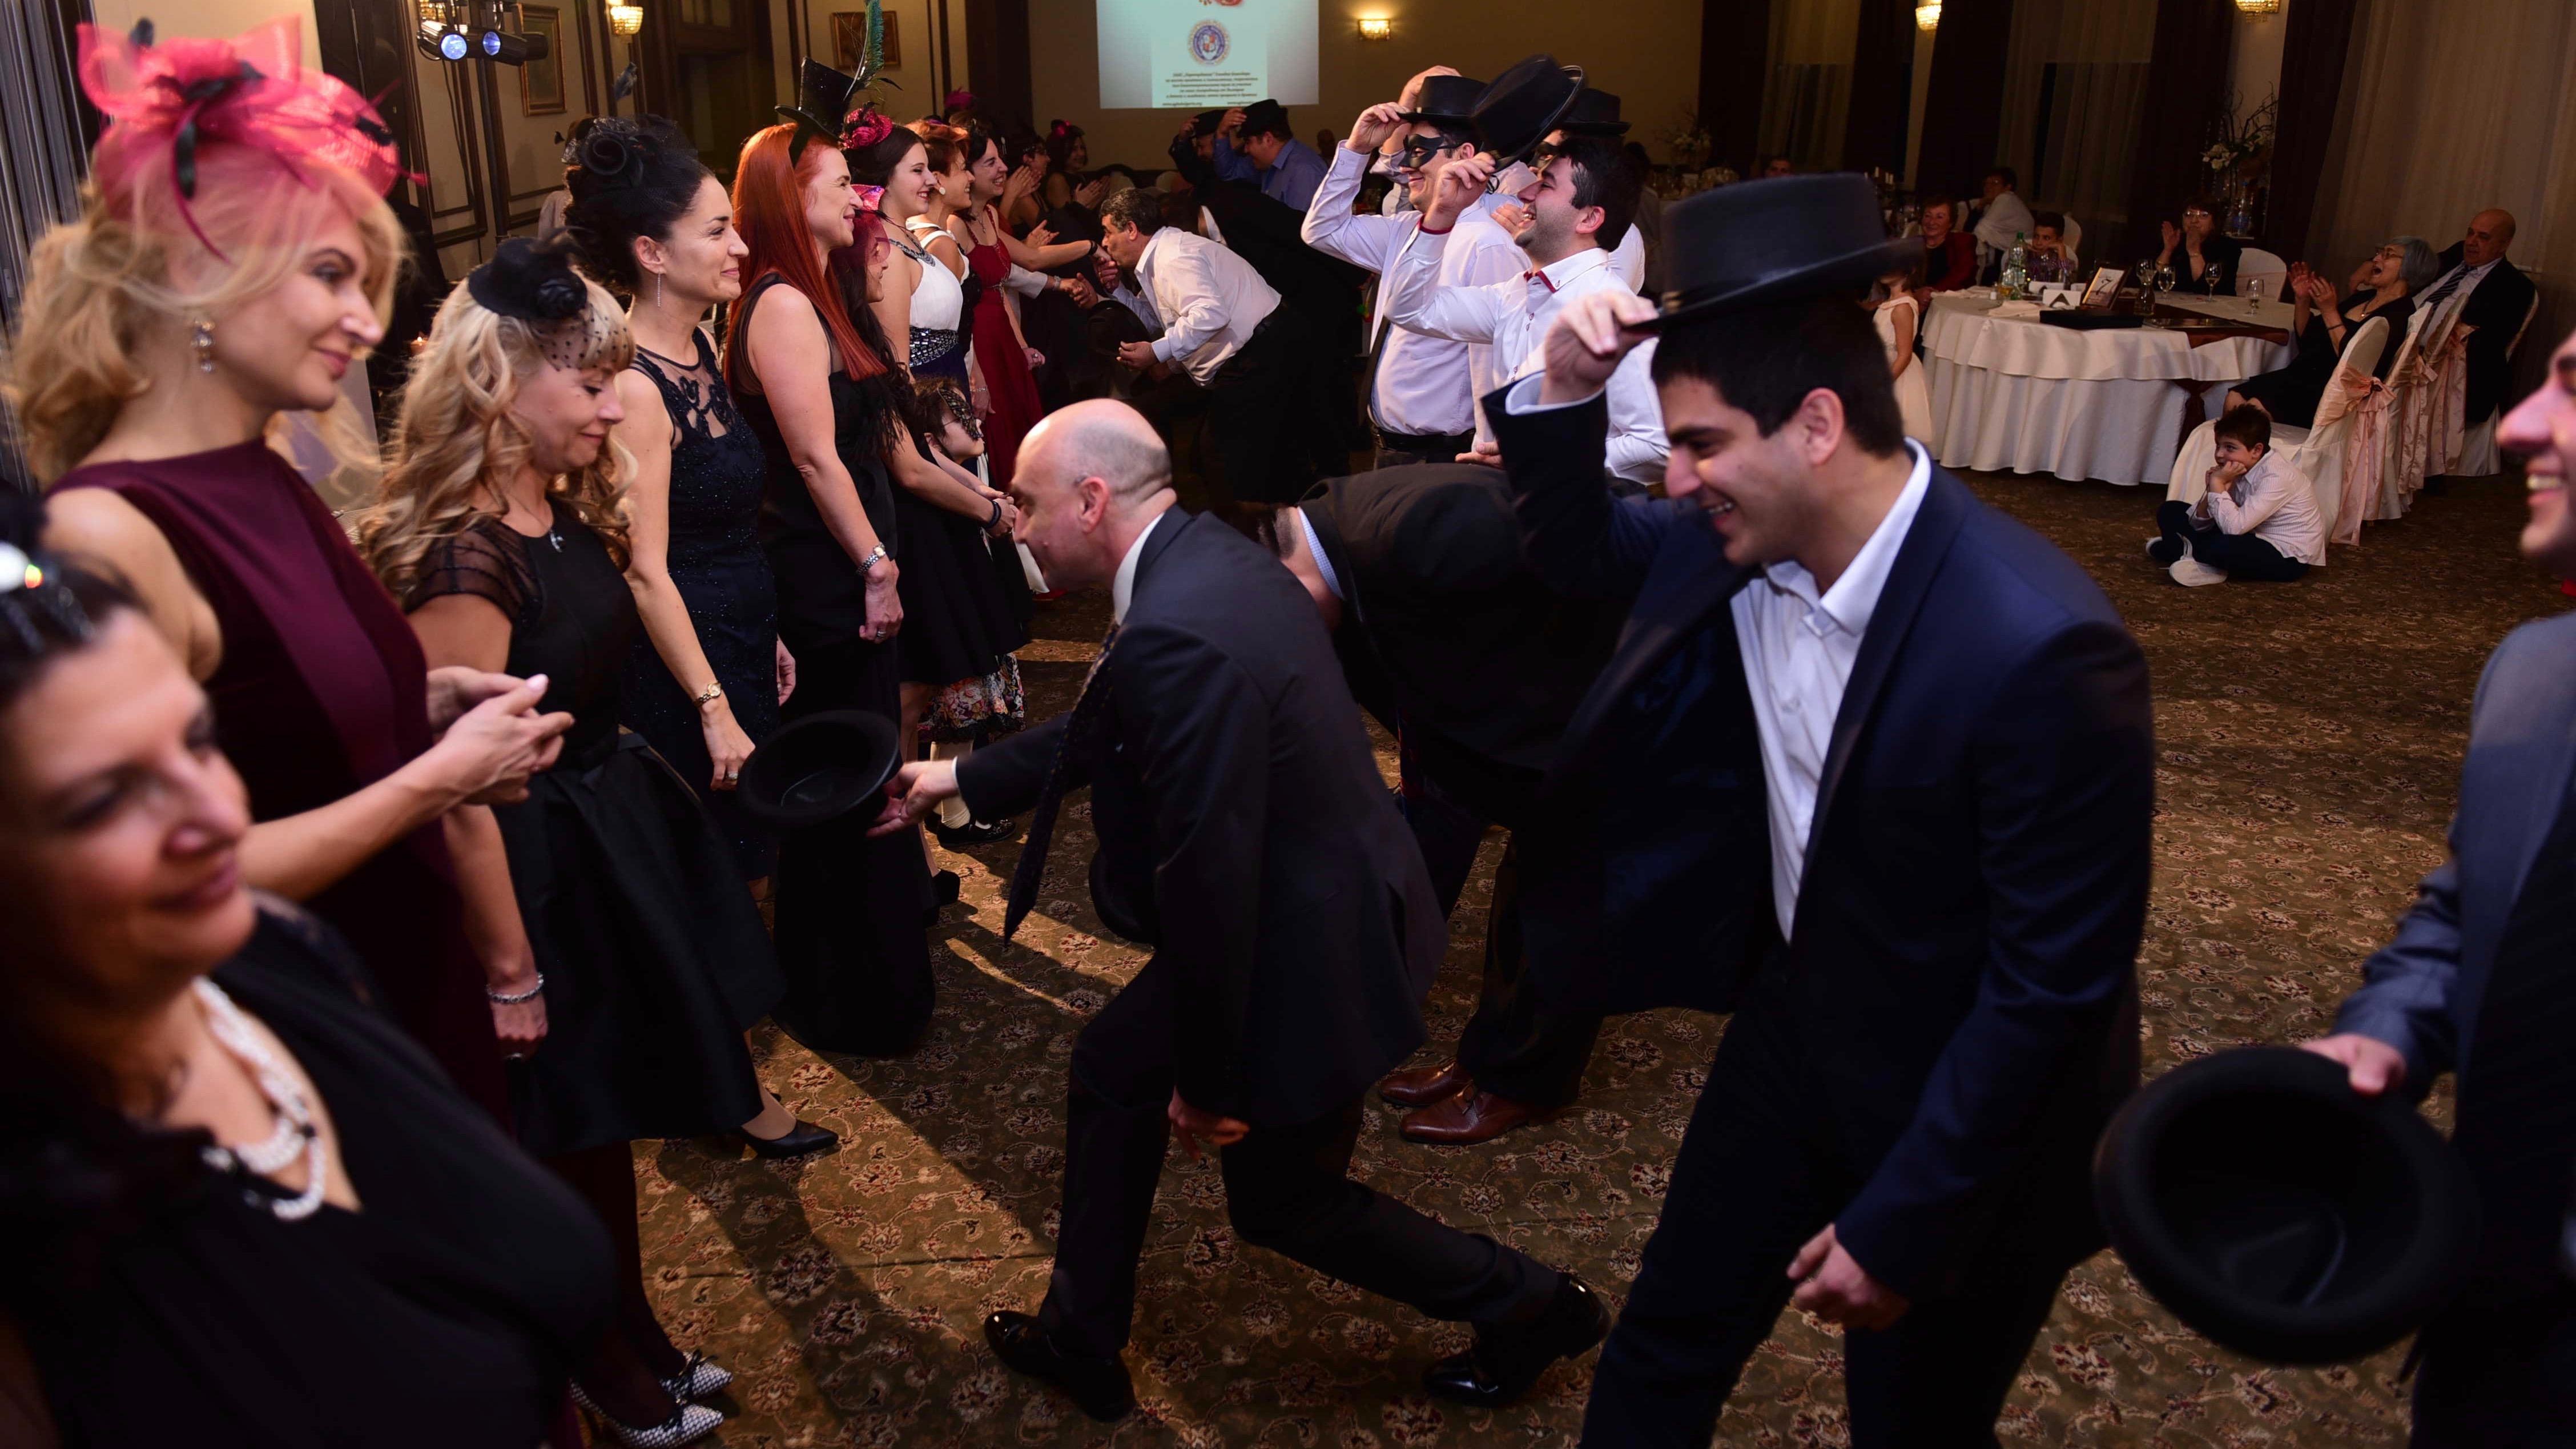 Charity Gala Dinner Dance – Plovdiv, Bulgaria – November 26, 2016